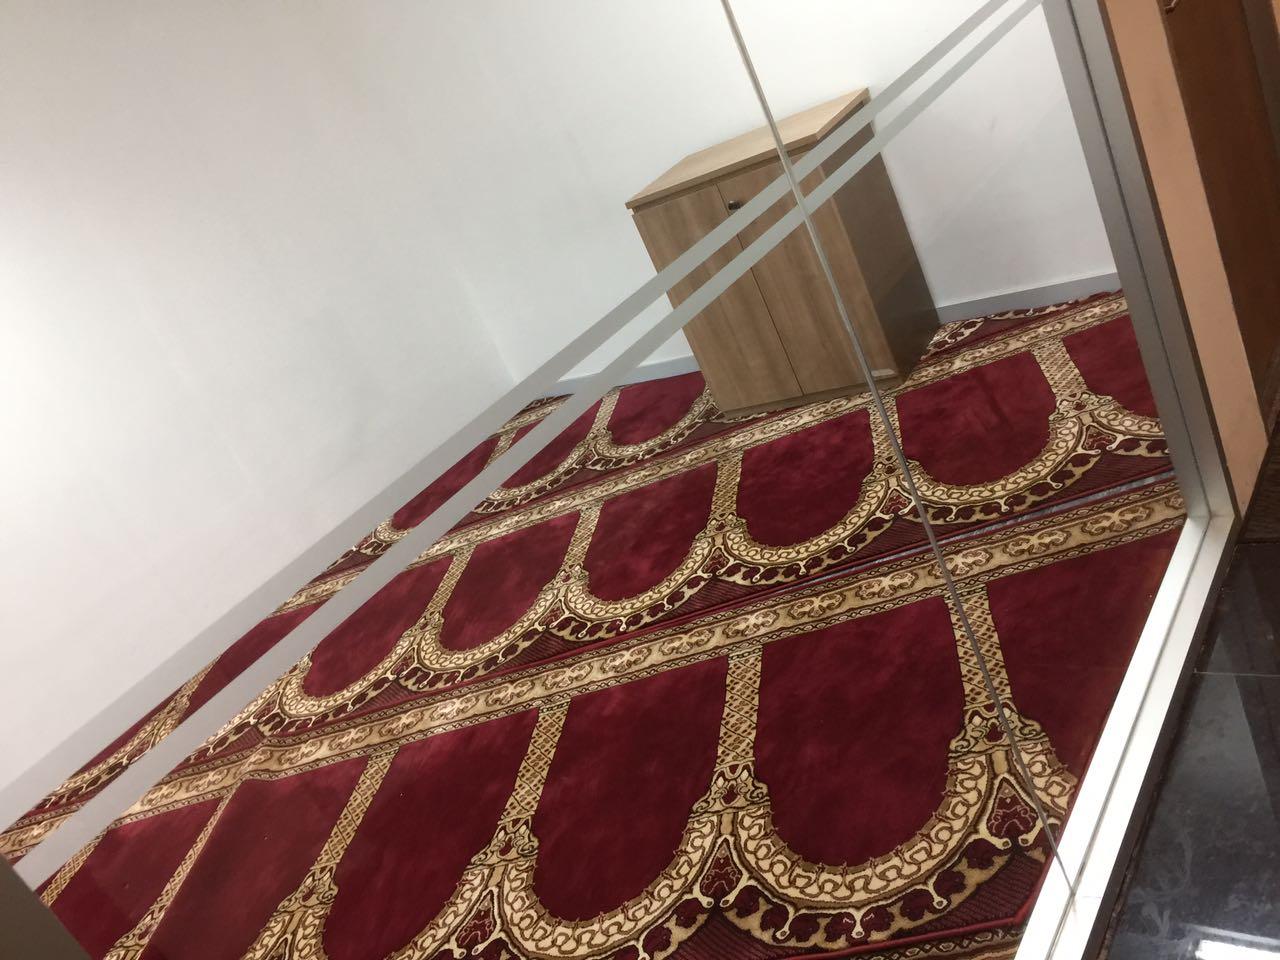 Tempat distributor dan supplier Jual Karpet Sajadah Masjid Turki Roll Berkualitas Tebal Di Jakarta Utara